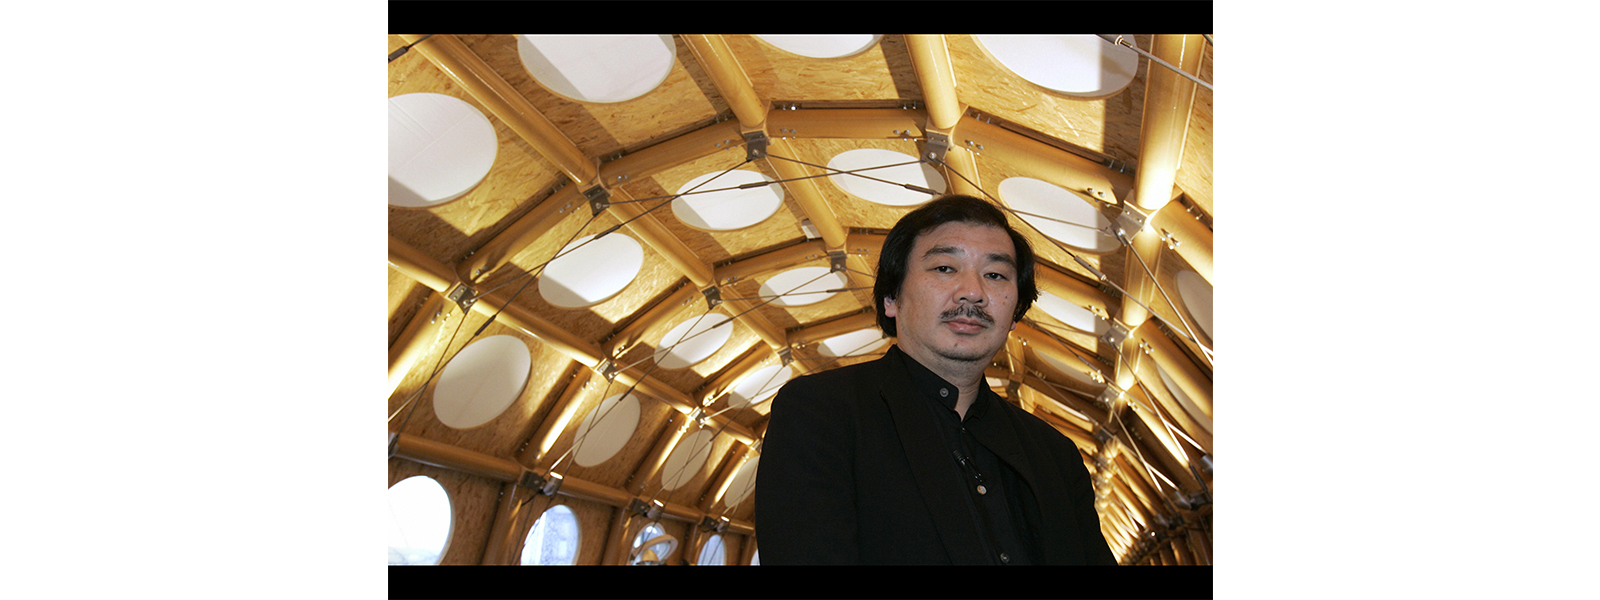 arquiteto japones que constroi usando tubos de papelão